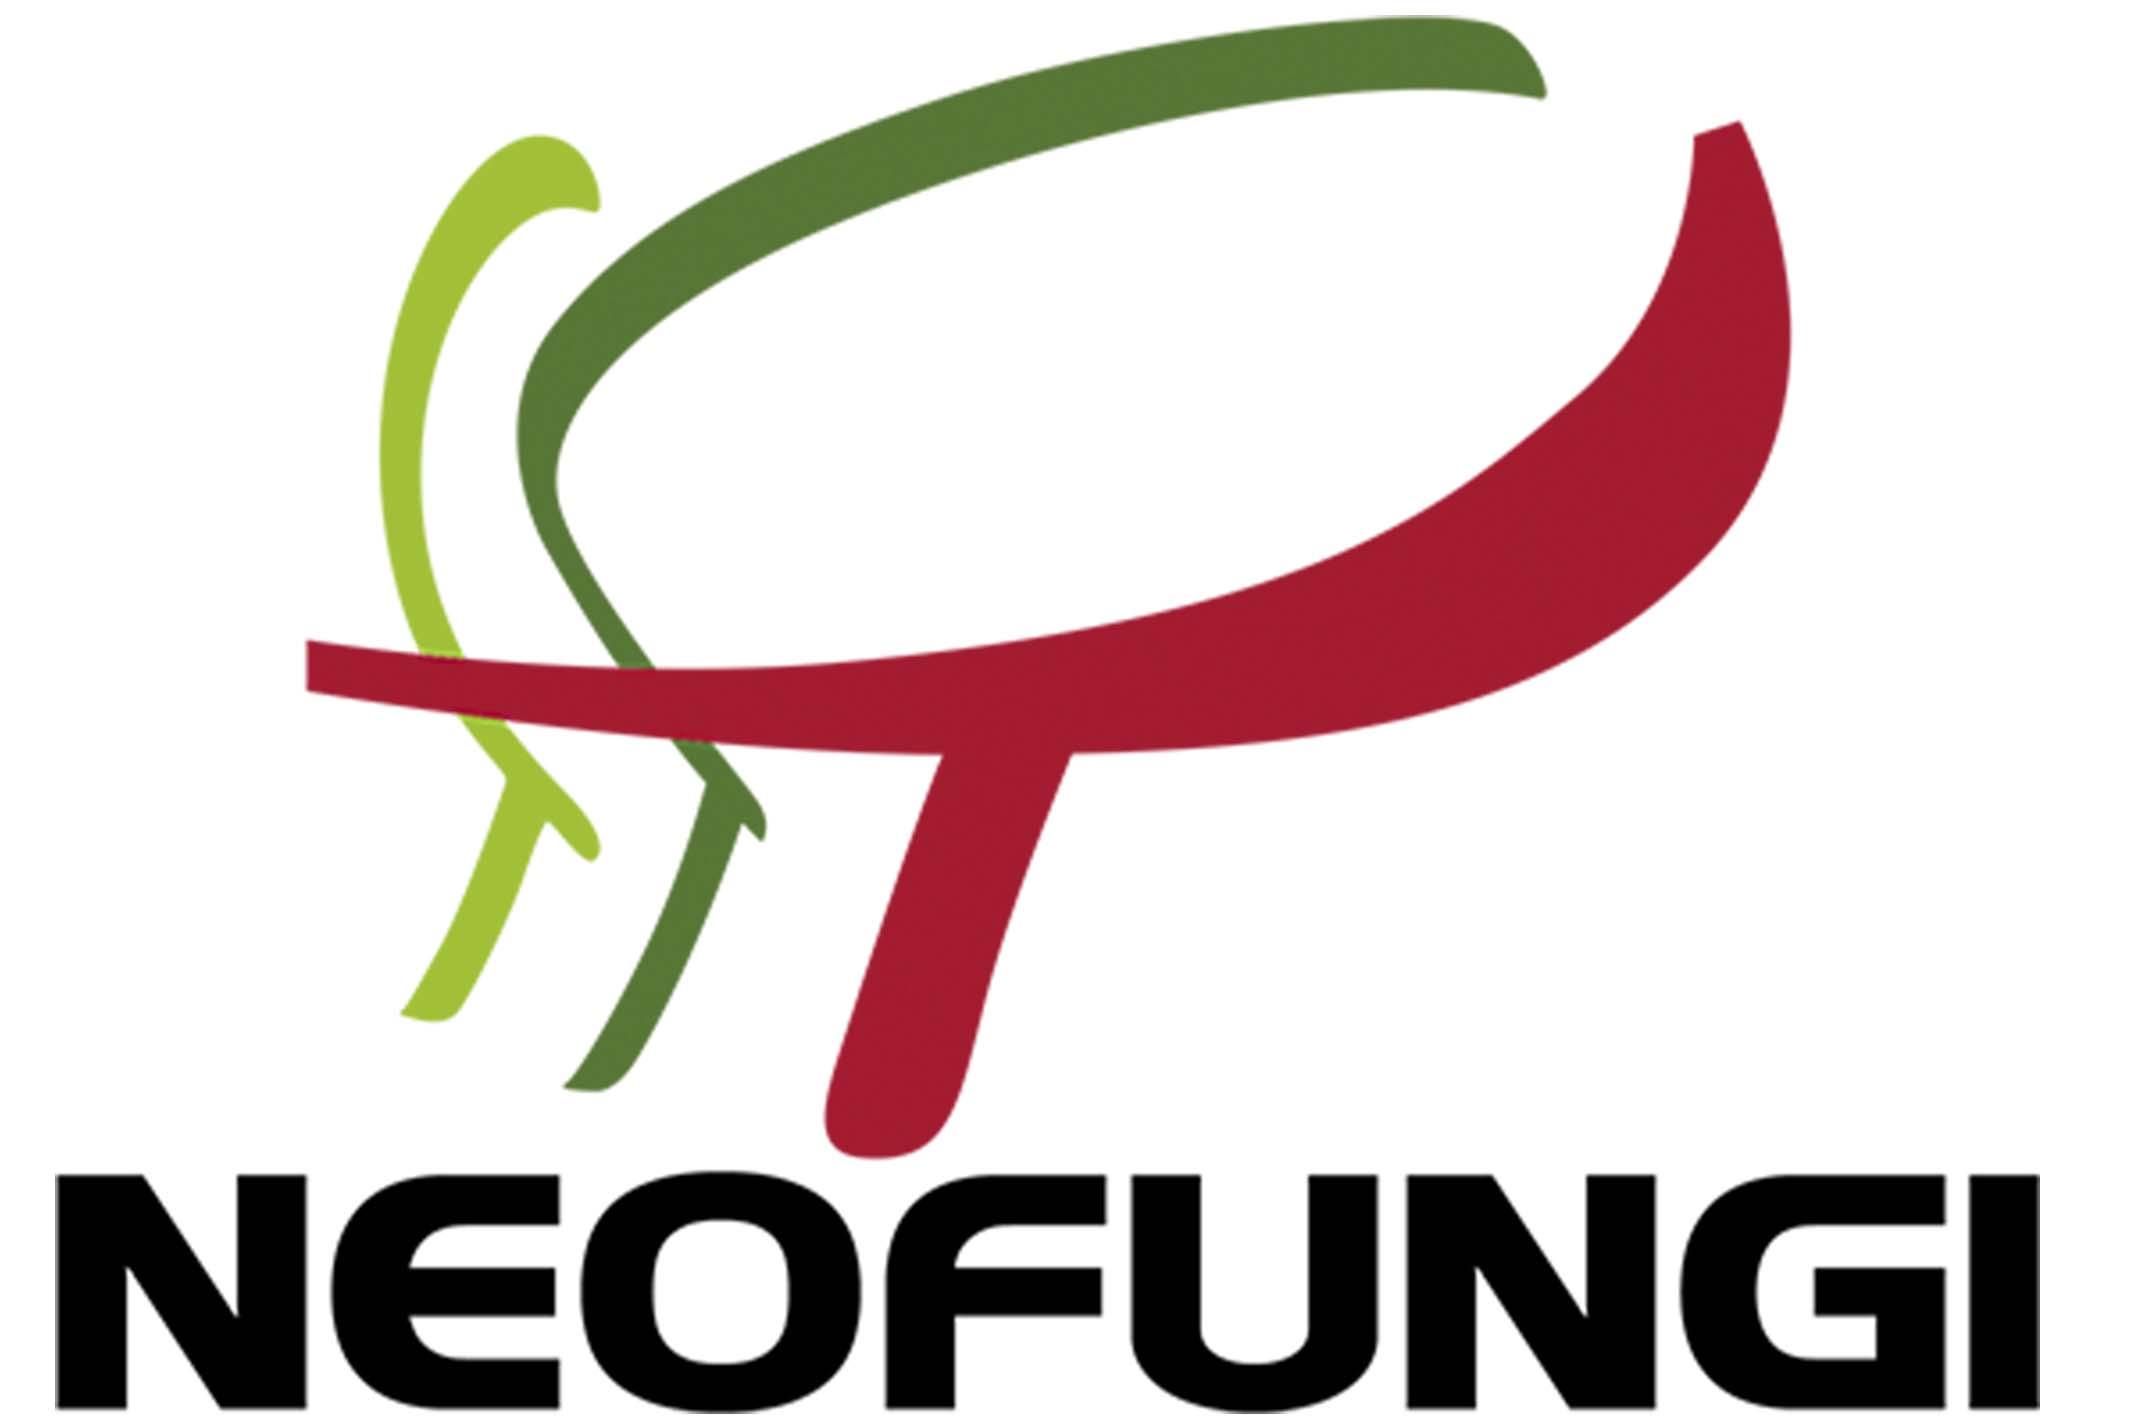 Neofungi